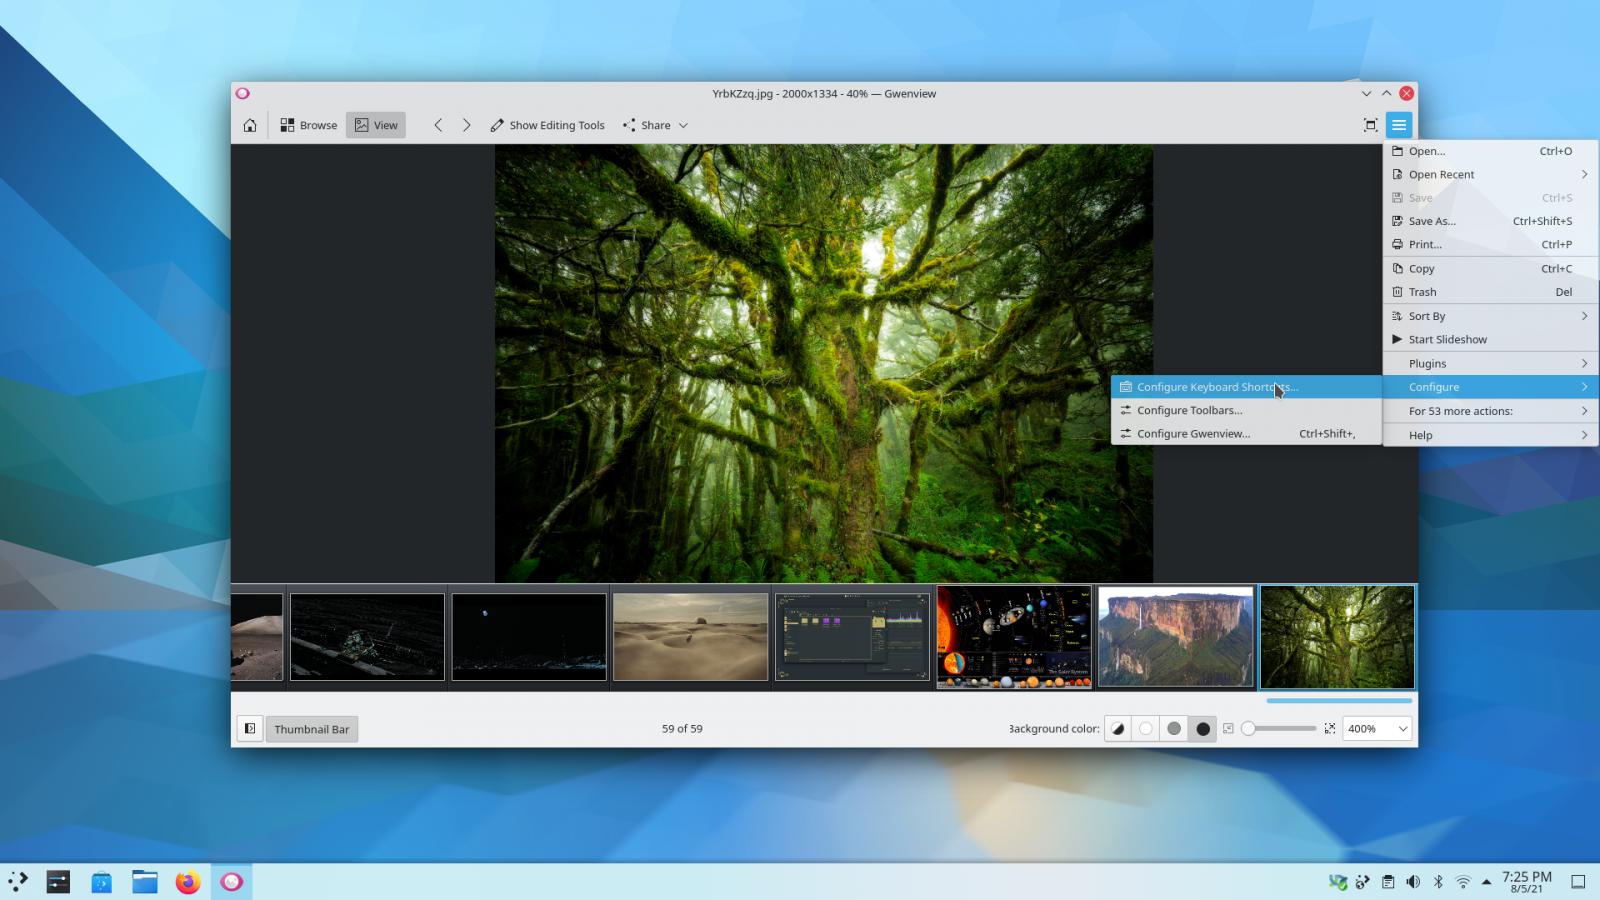 KDE Gear 21.08